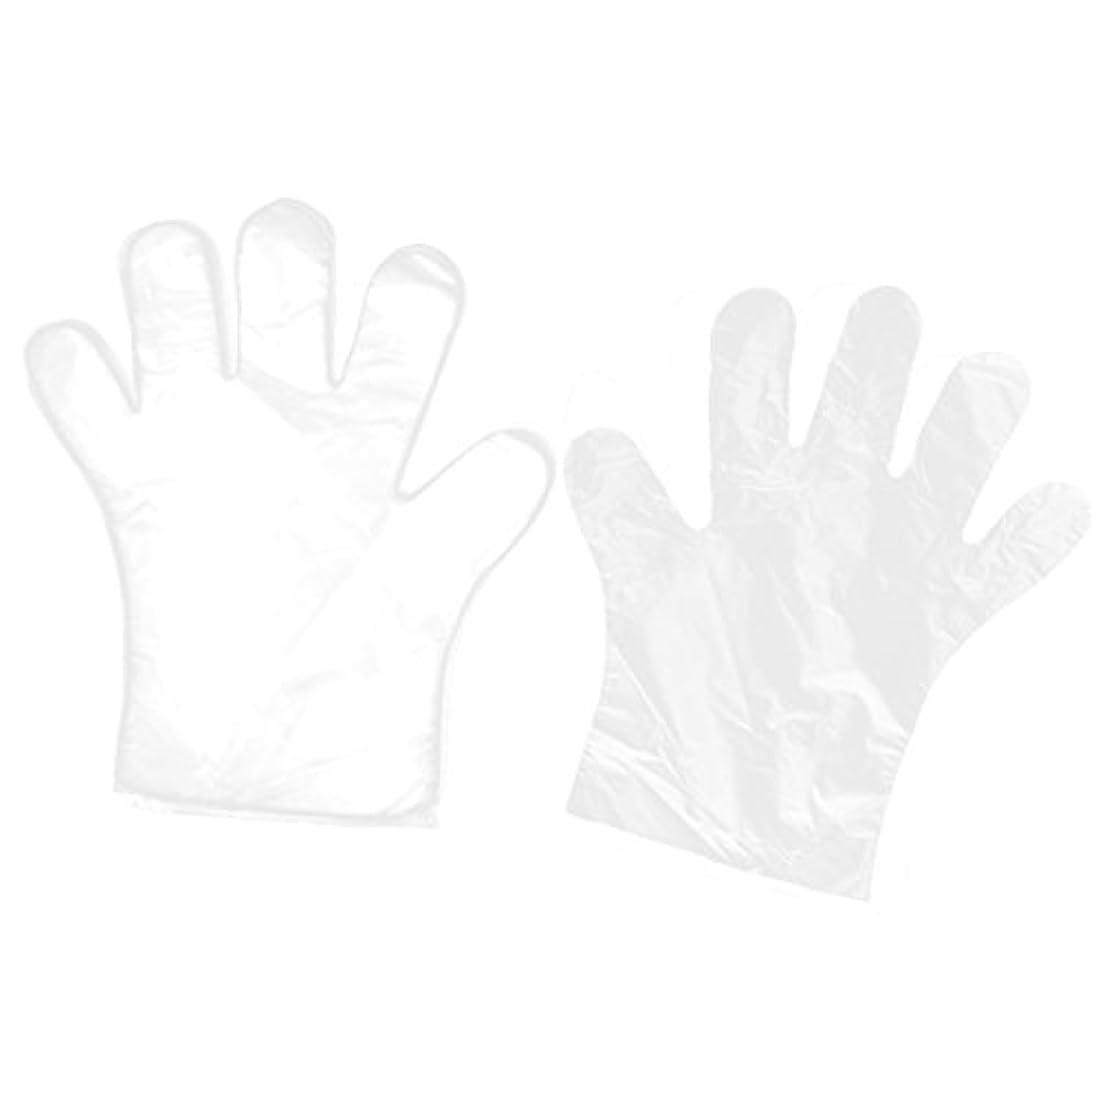 uxcell 使い捨て手袋 家キッチン レストラン の食べ物サービス ハンド用 透明 100個入り